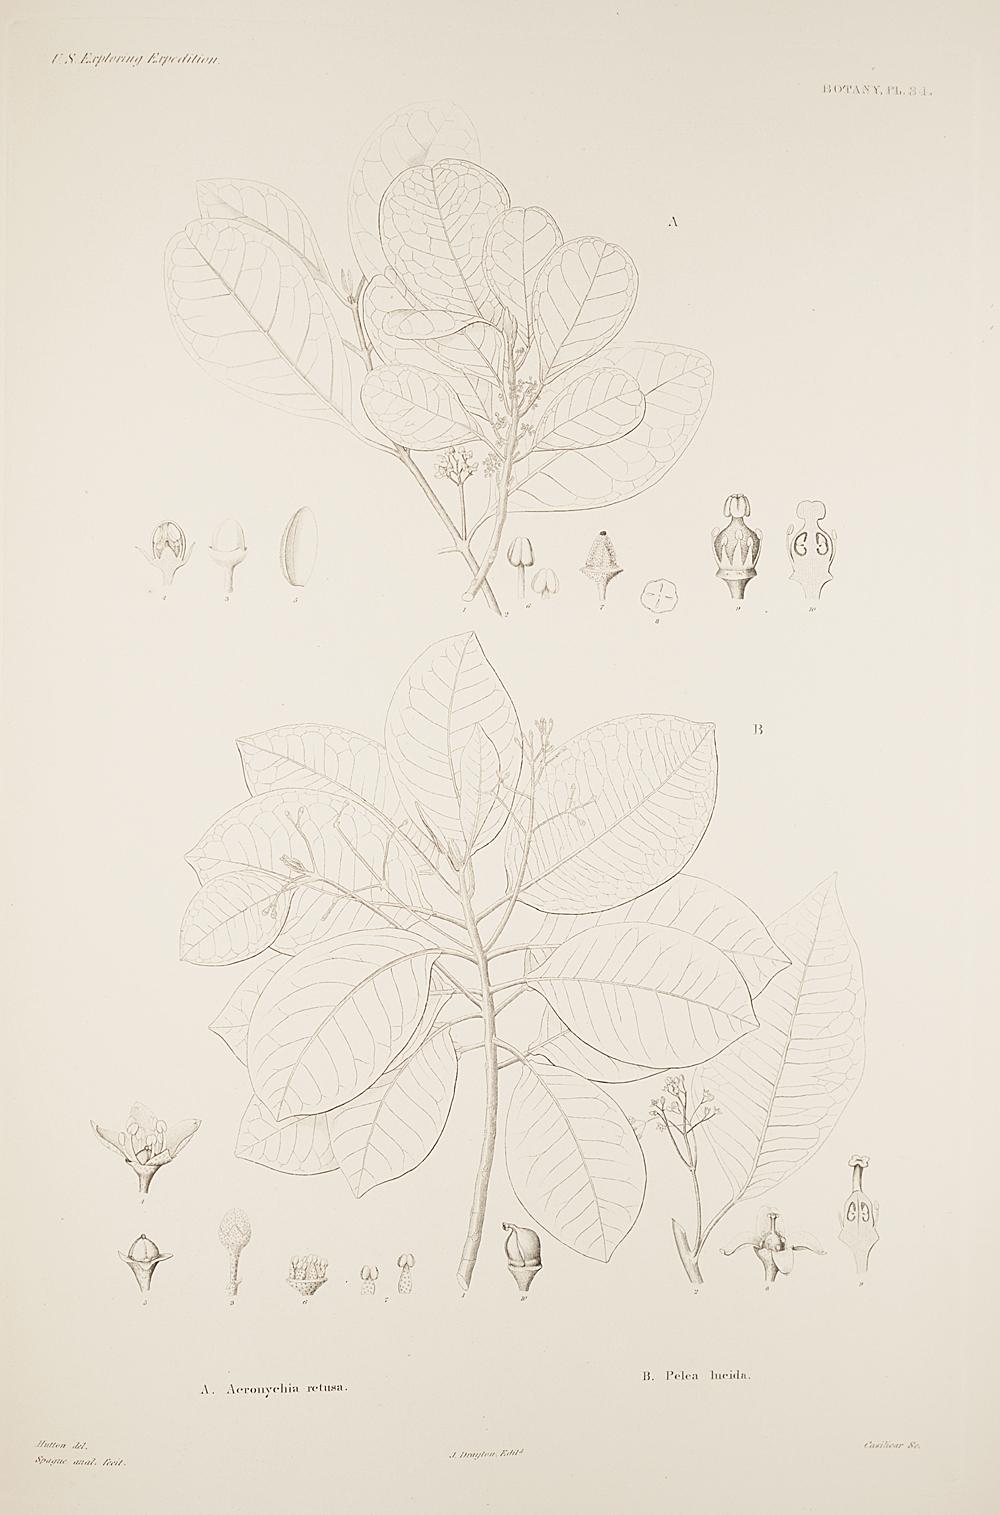 Botany, Pl. 34,  Image number:sil19-23-079b